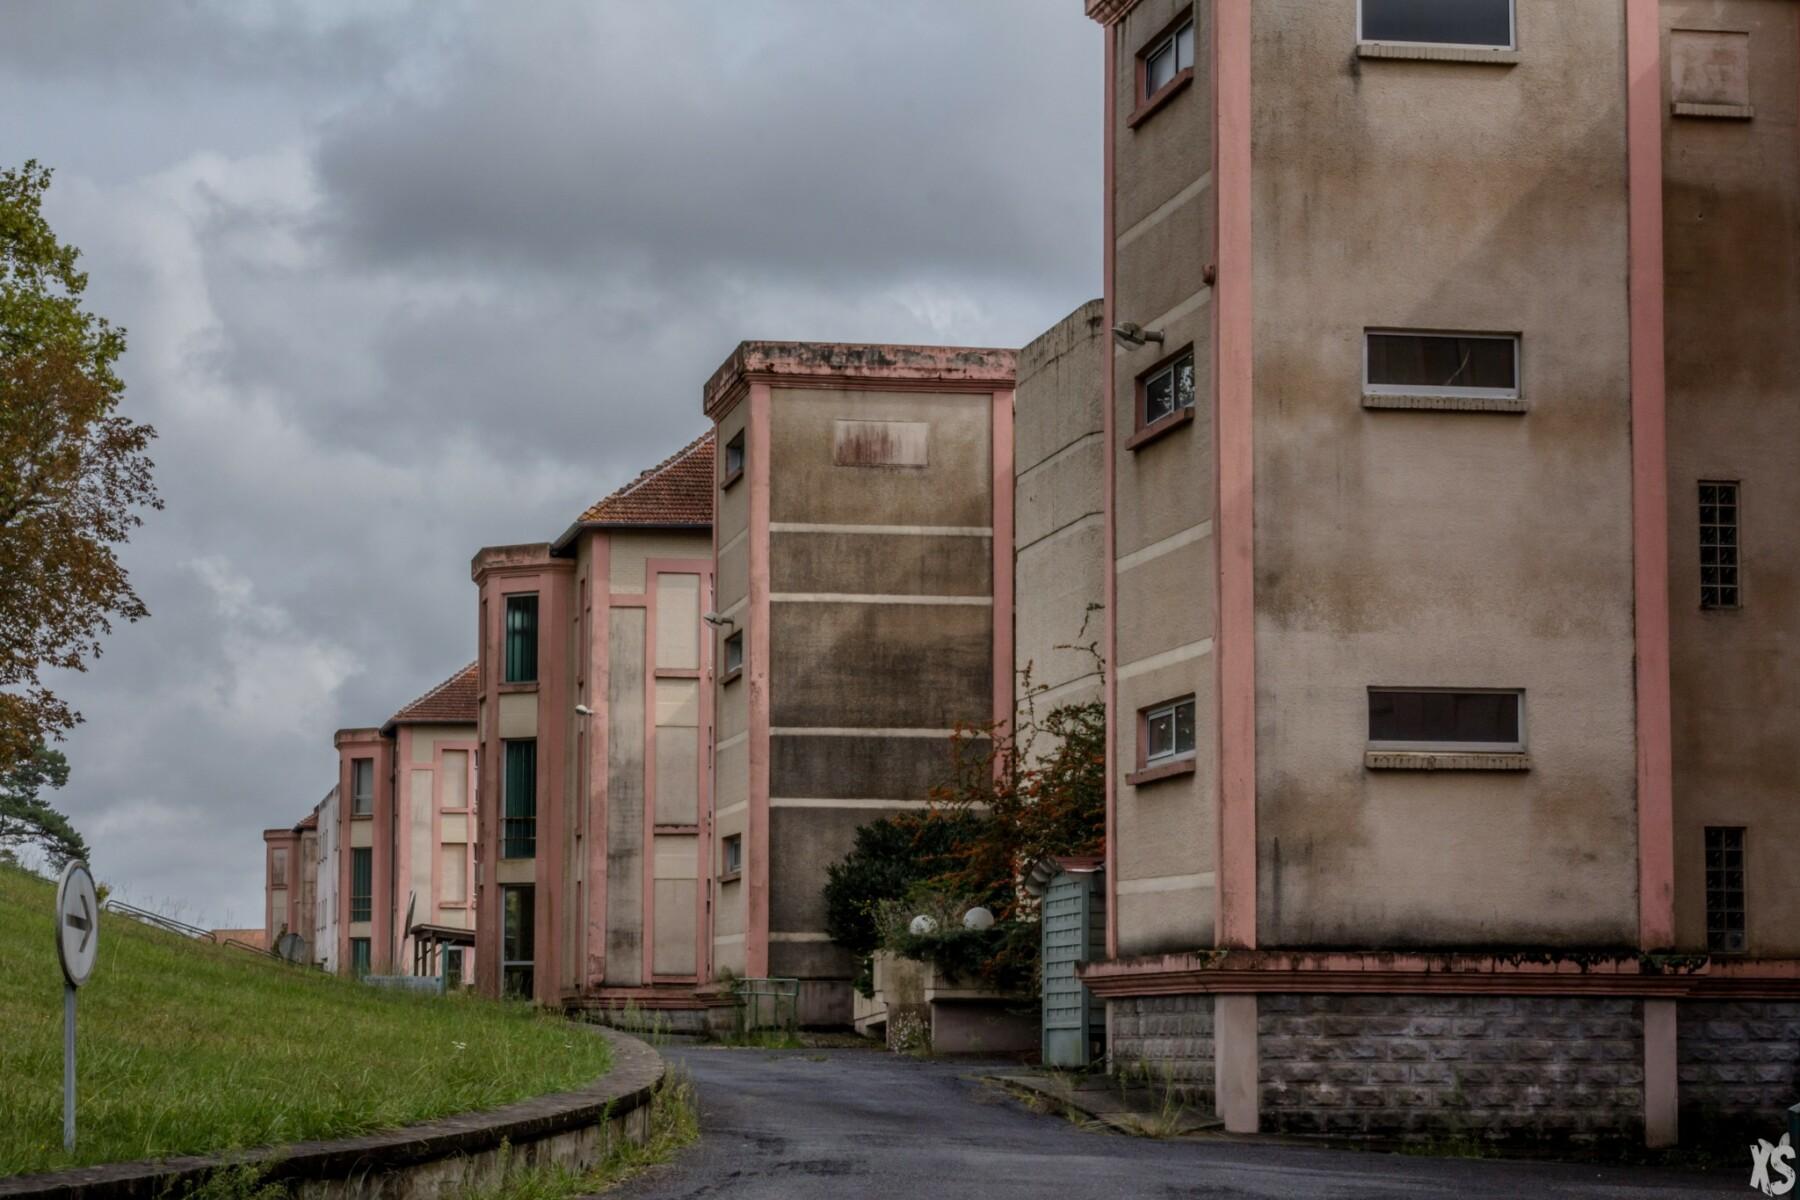 sanatorium-eugene-aram-68